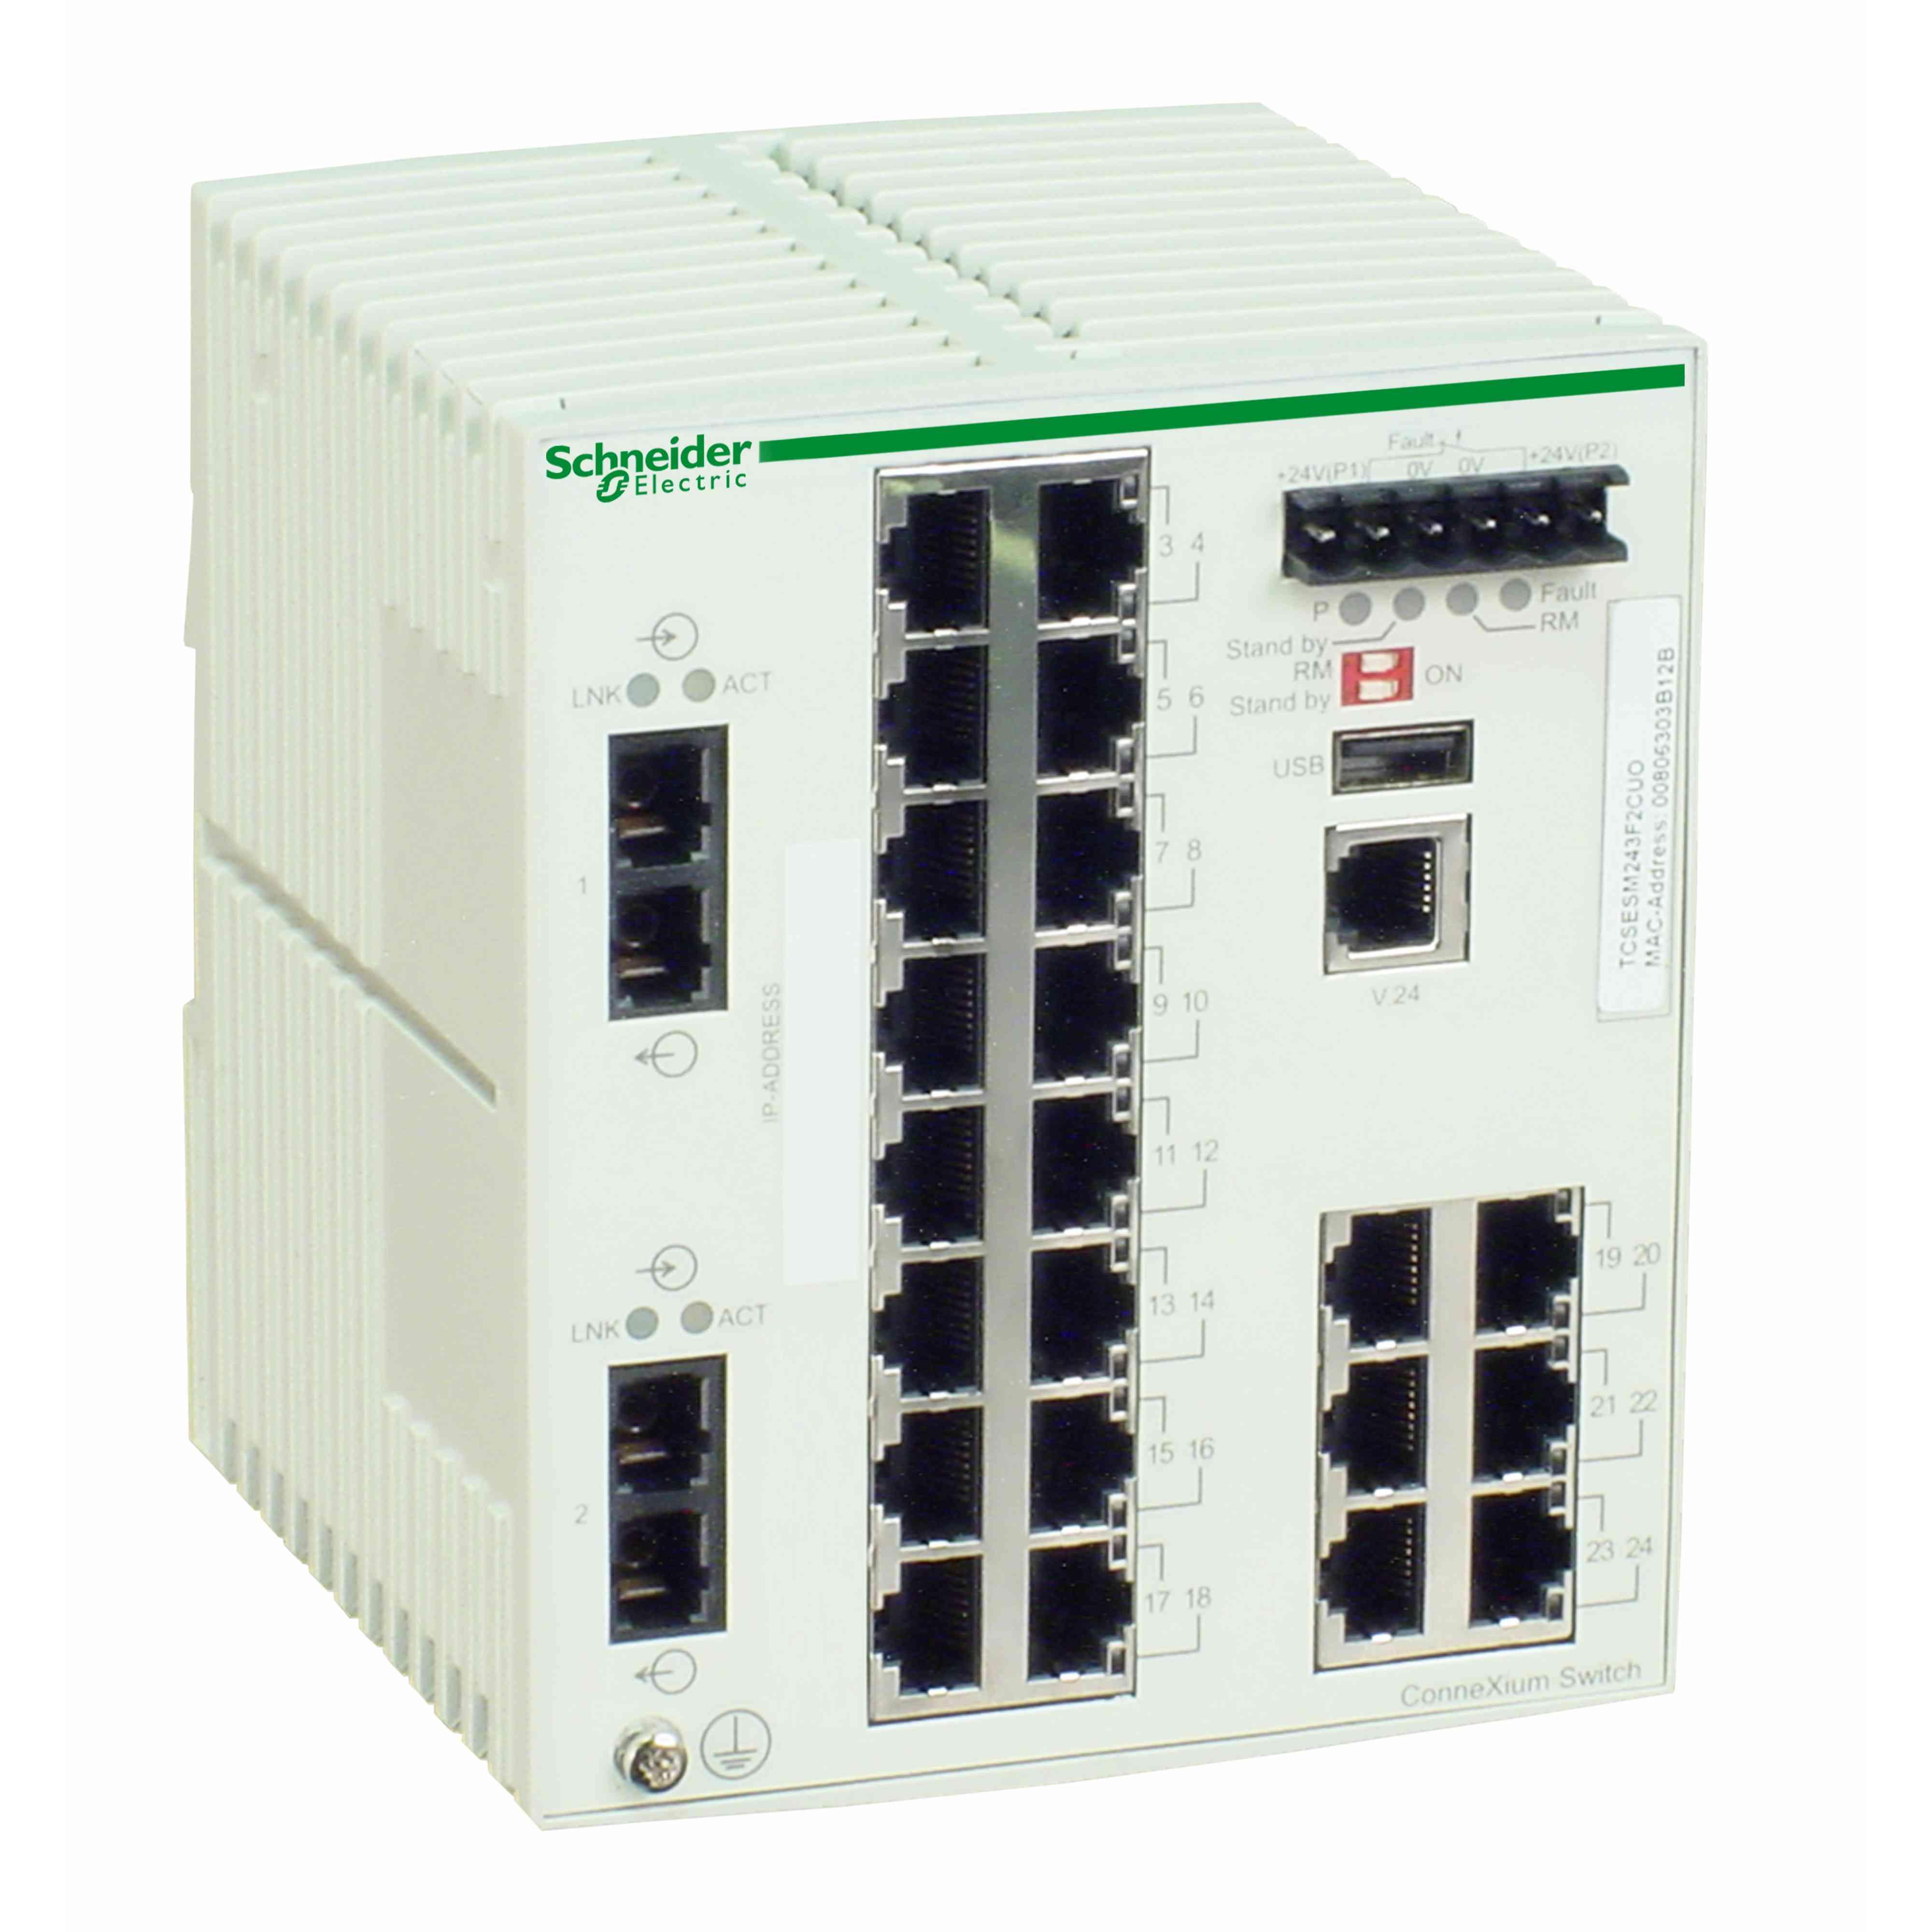 Stikalo za uprav. za Ethernet TCP/IP - ConneXium - 22TX/2FX - več načinov